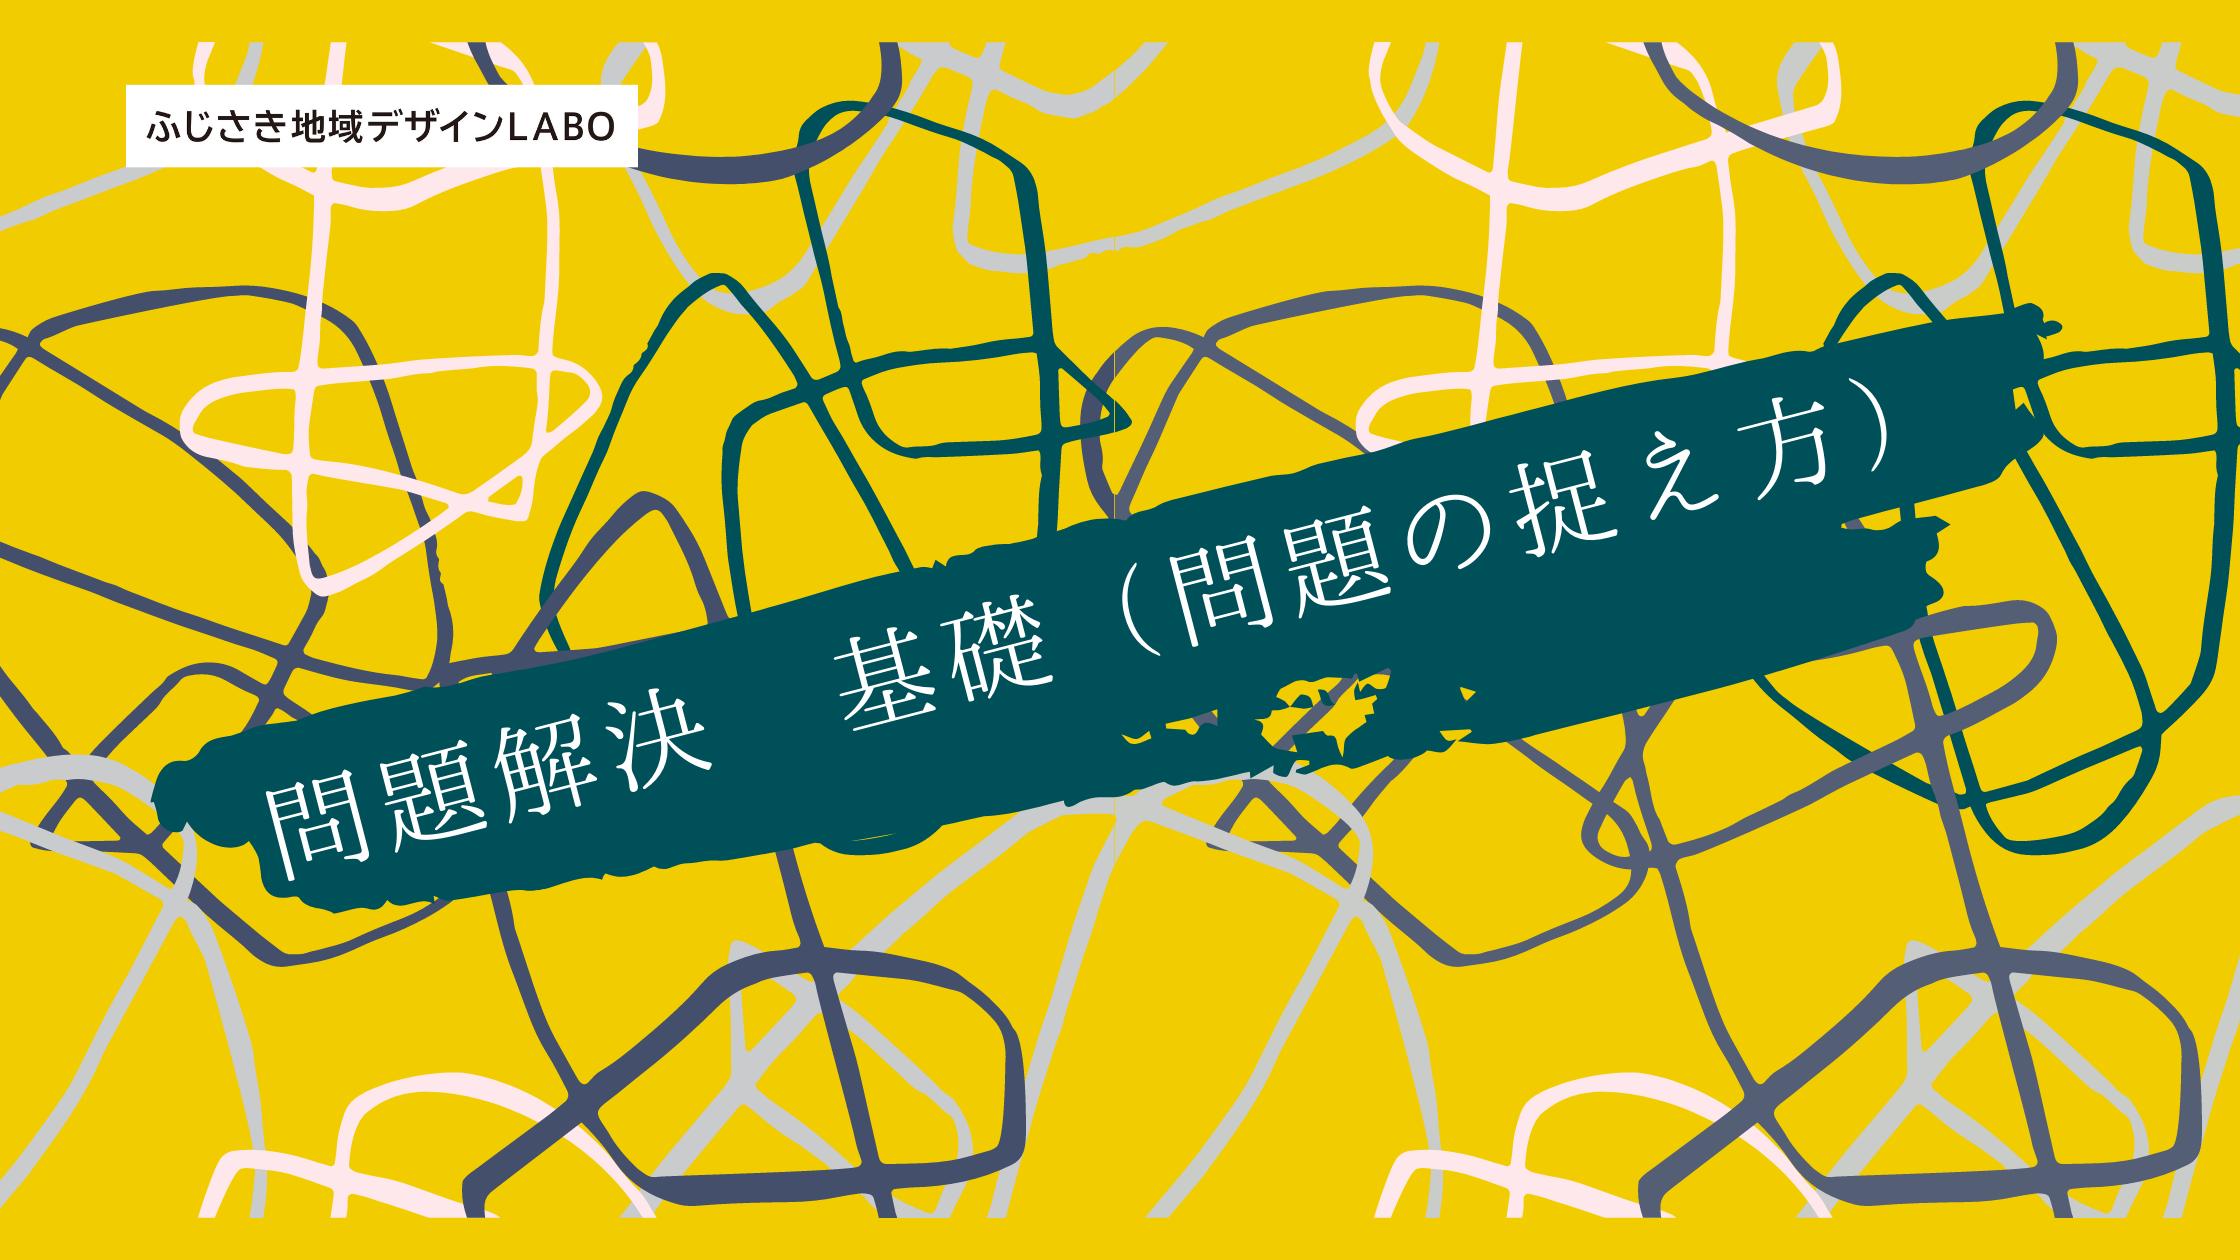 【ふじさき地域デザインLABOプロデューサー育成】問題解決 基礎(問題の捉え方)